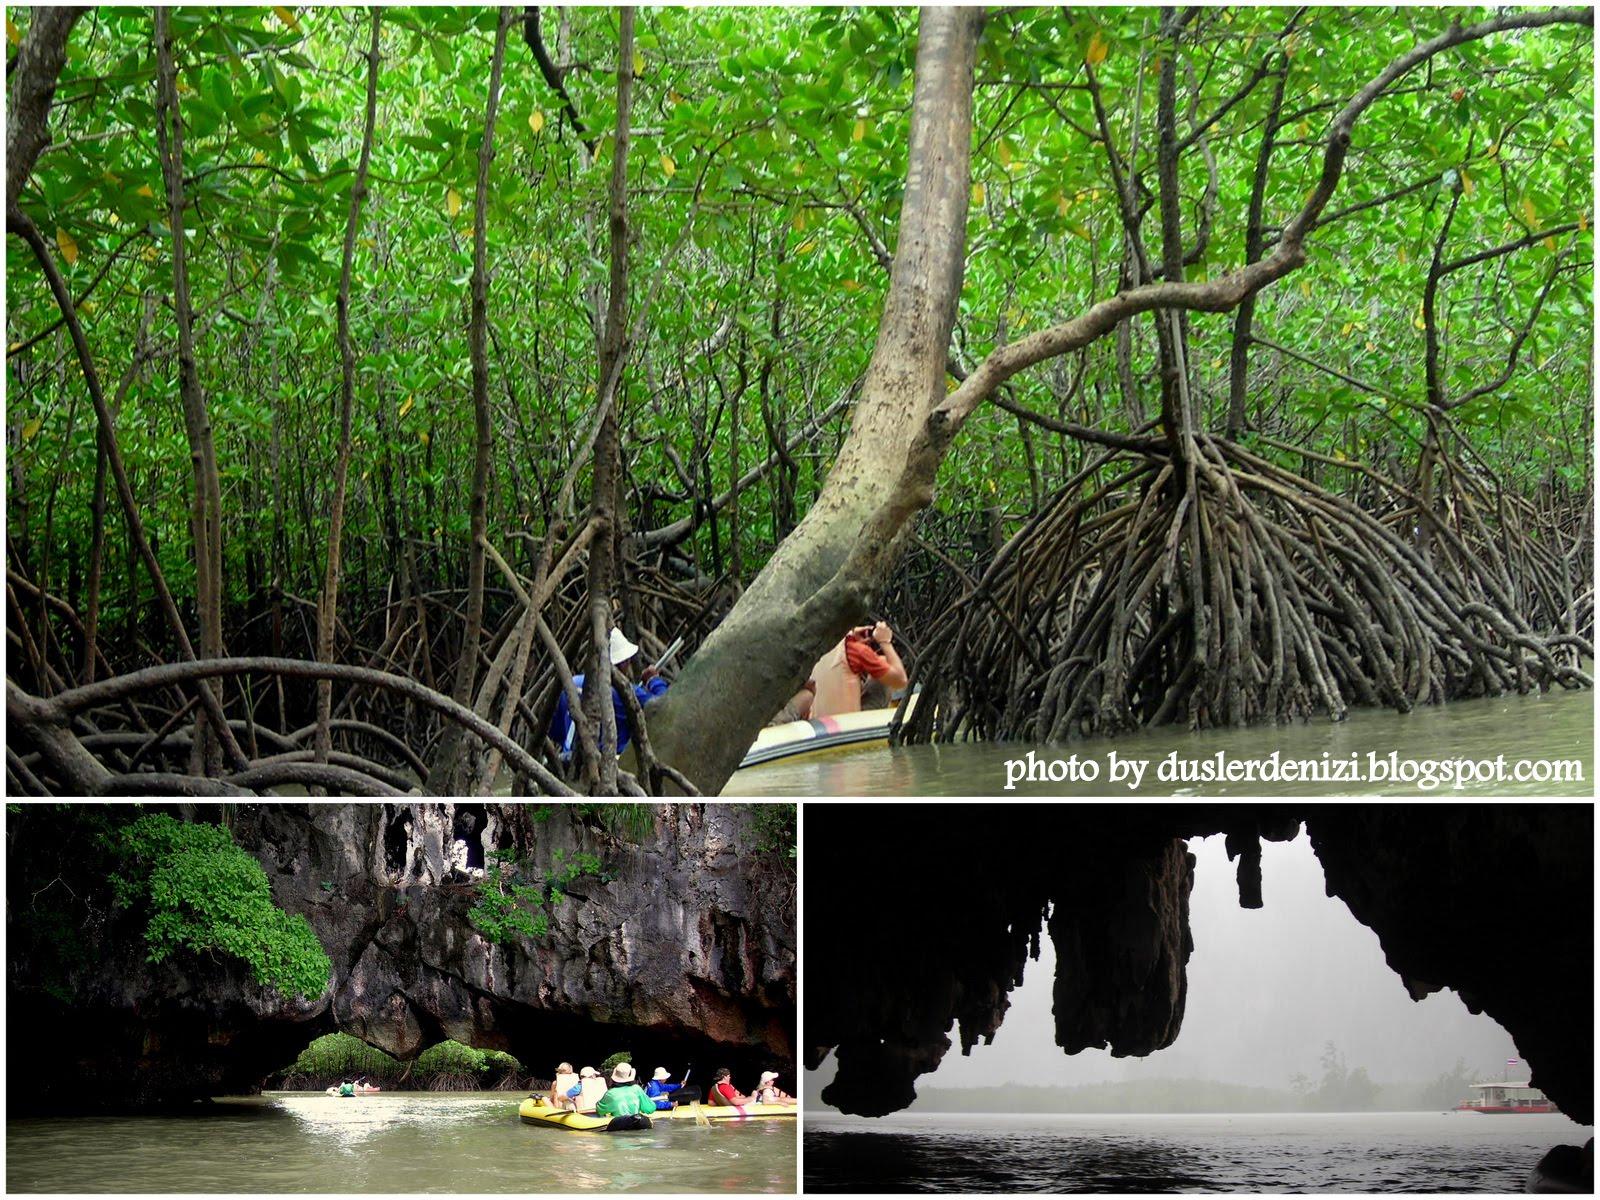 Orman banyosu hayat kurtarıyor